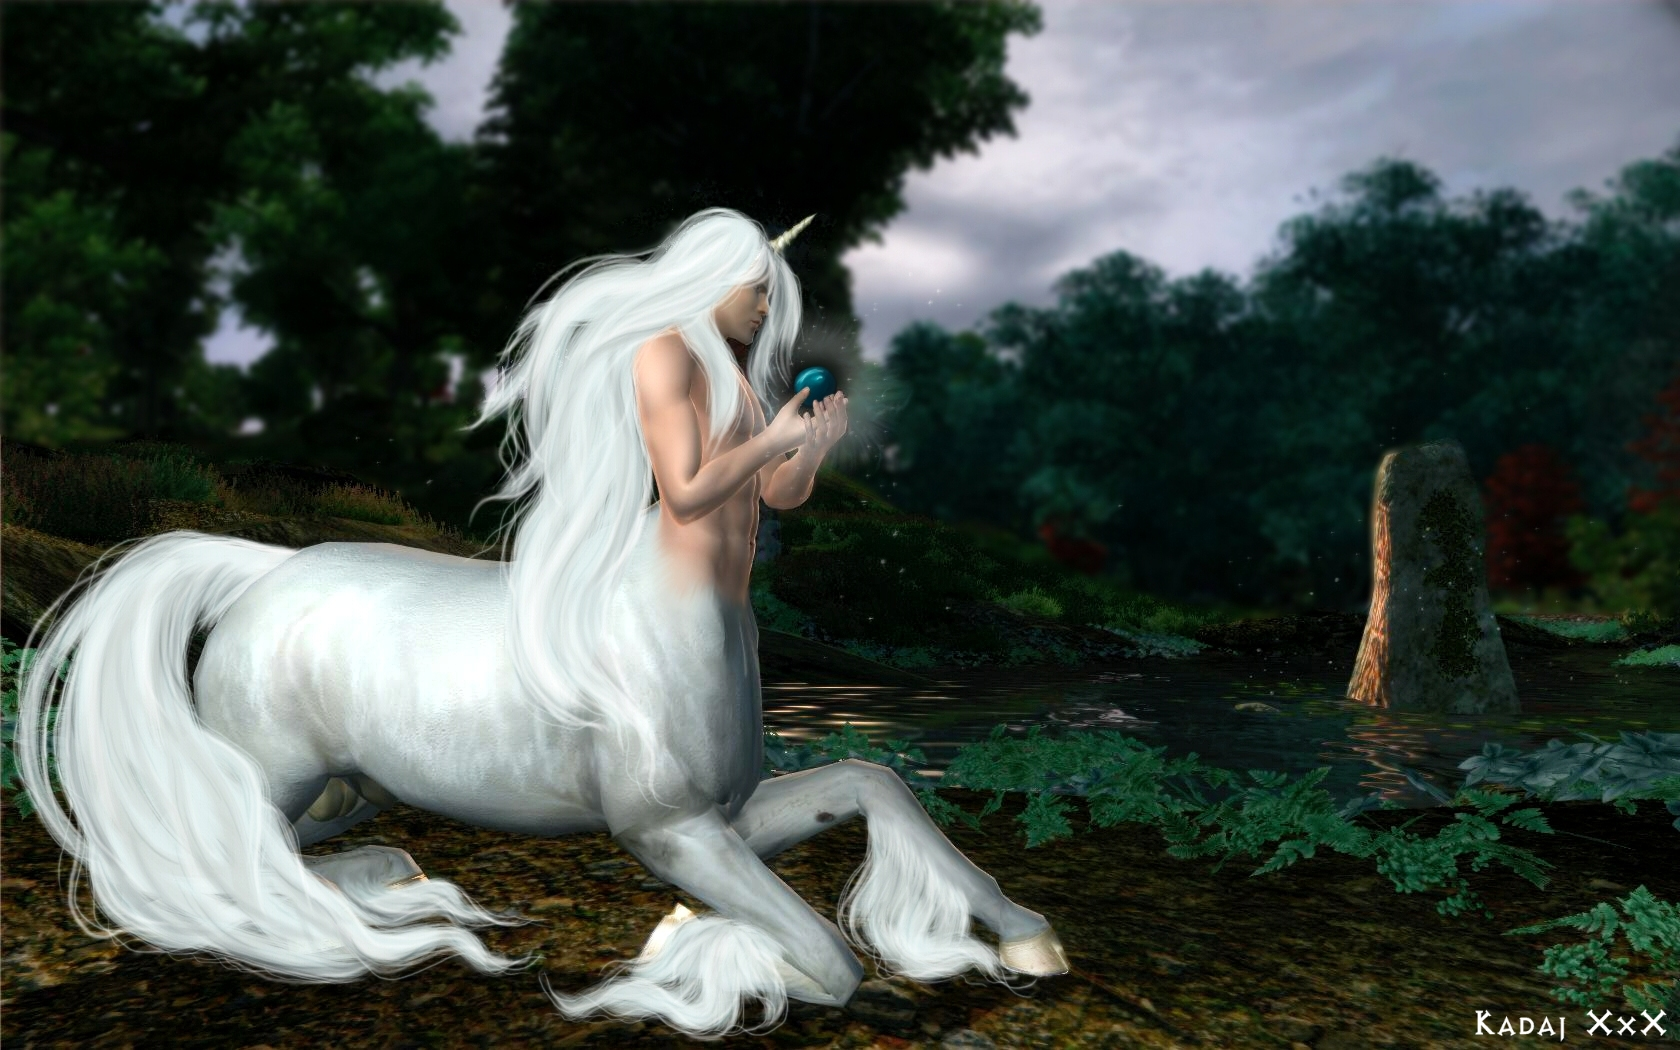 Must see   Wallpaper Horse Deviantart - centaur___white_unicorn_by_jenova87  Image_312933.jpg